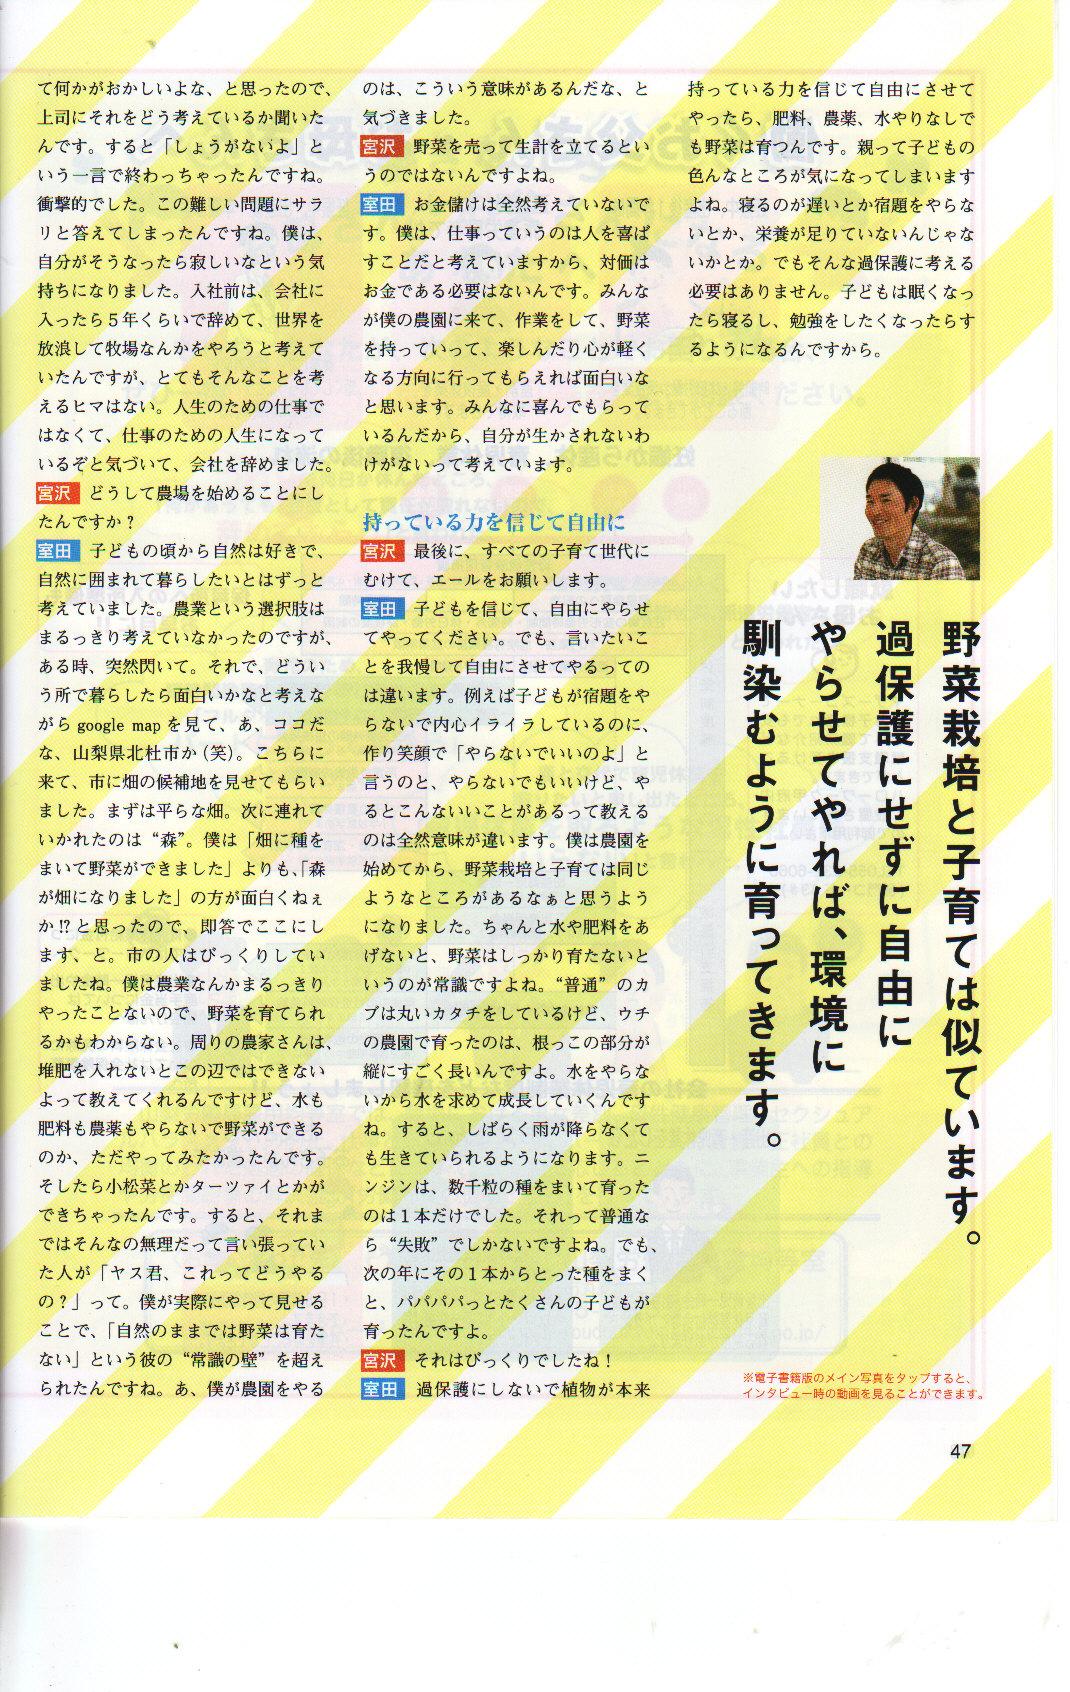 ちびっこプレスインタビュー_0002